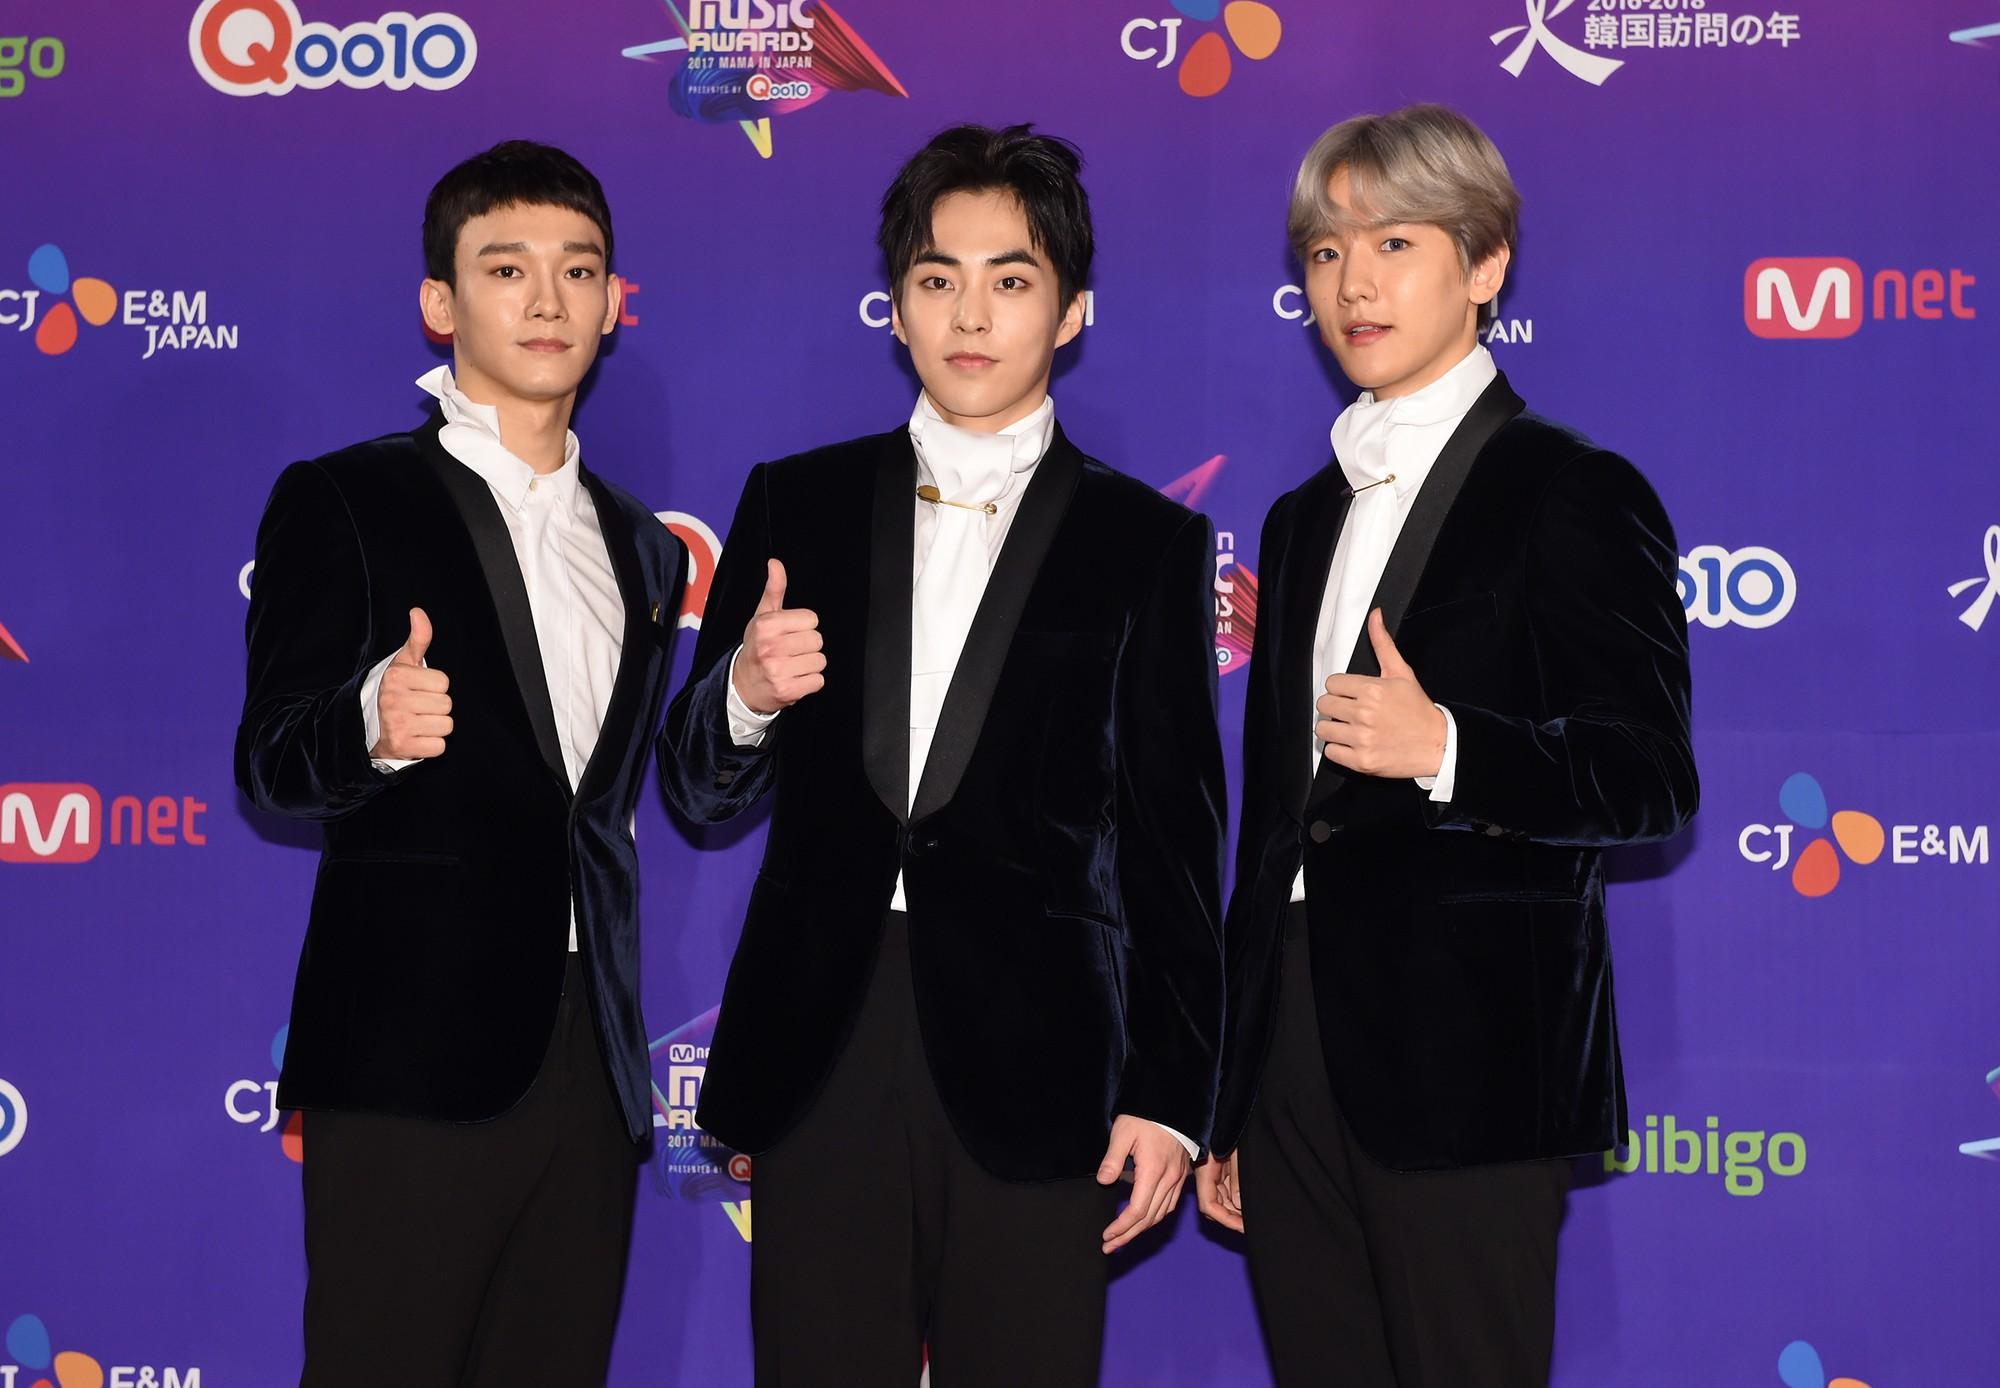 Thảm đỏ MAMA Nhật: Park Bo Gum và dàn mỹ nam Wanna One, EXO chiếm trọn sự chú ý, Kim So Hyun đọ sắc TWICE - Ảnh 9.